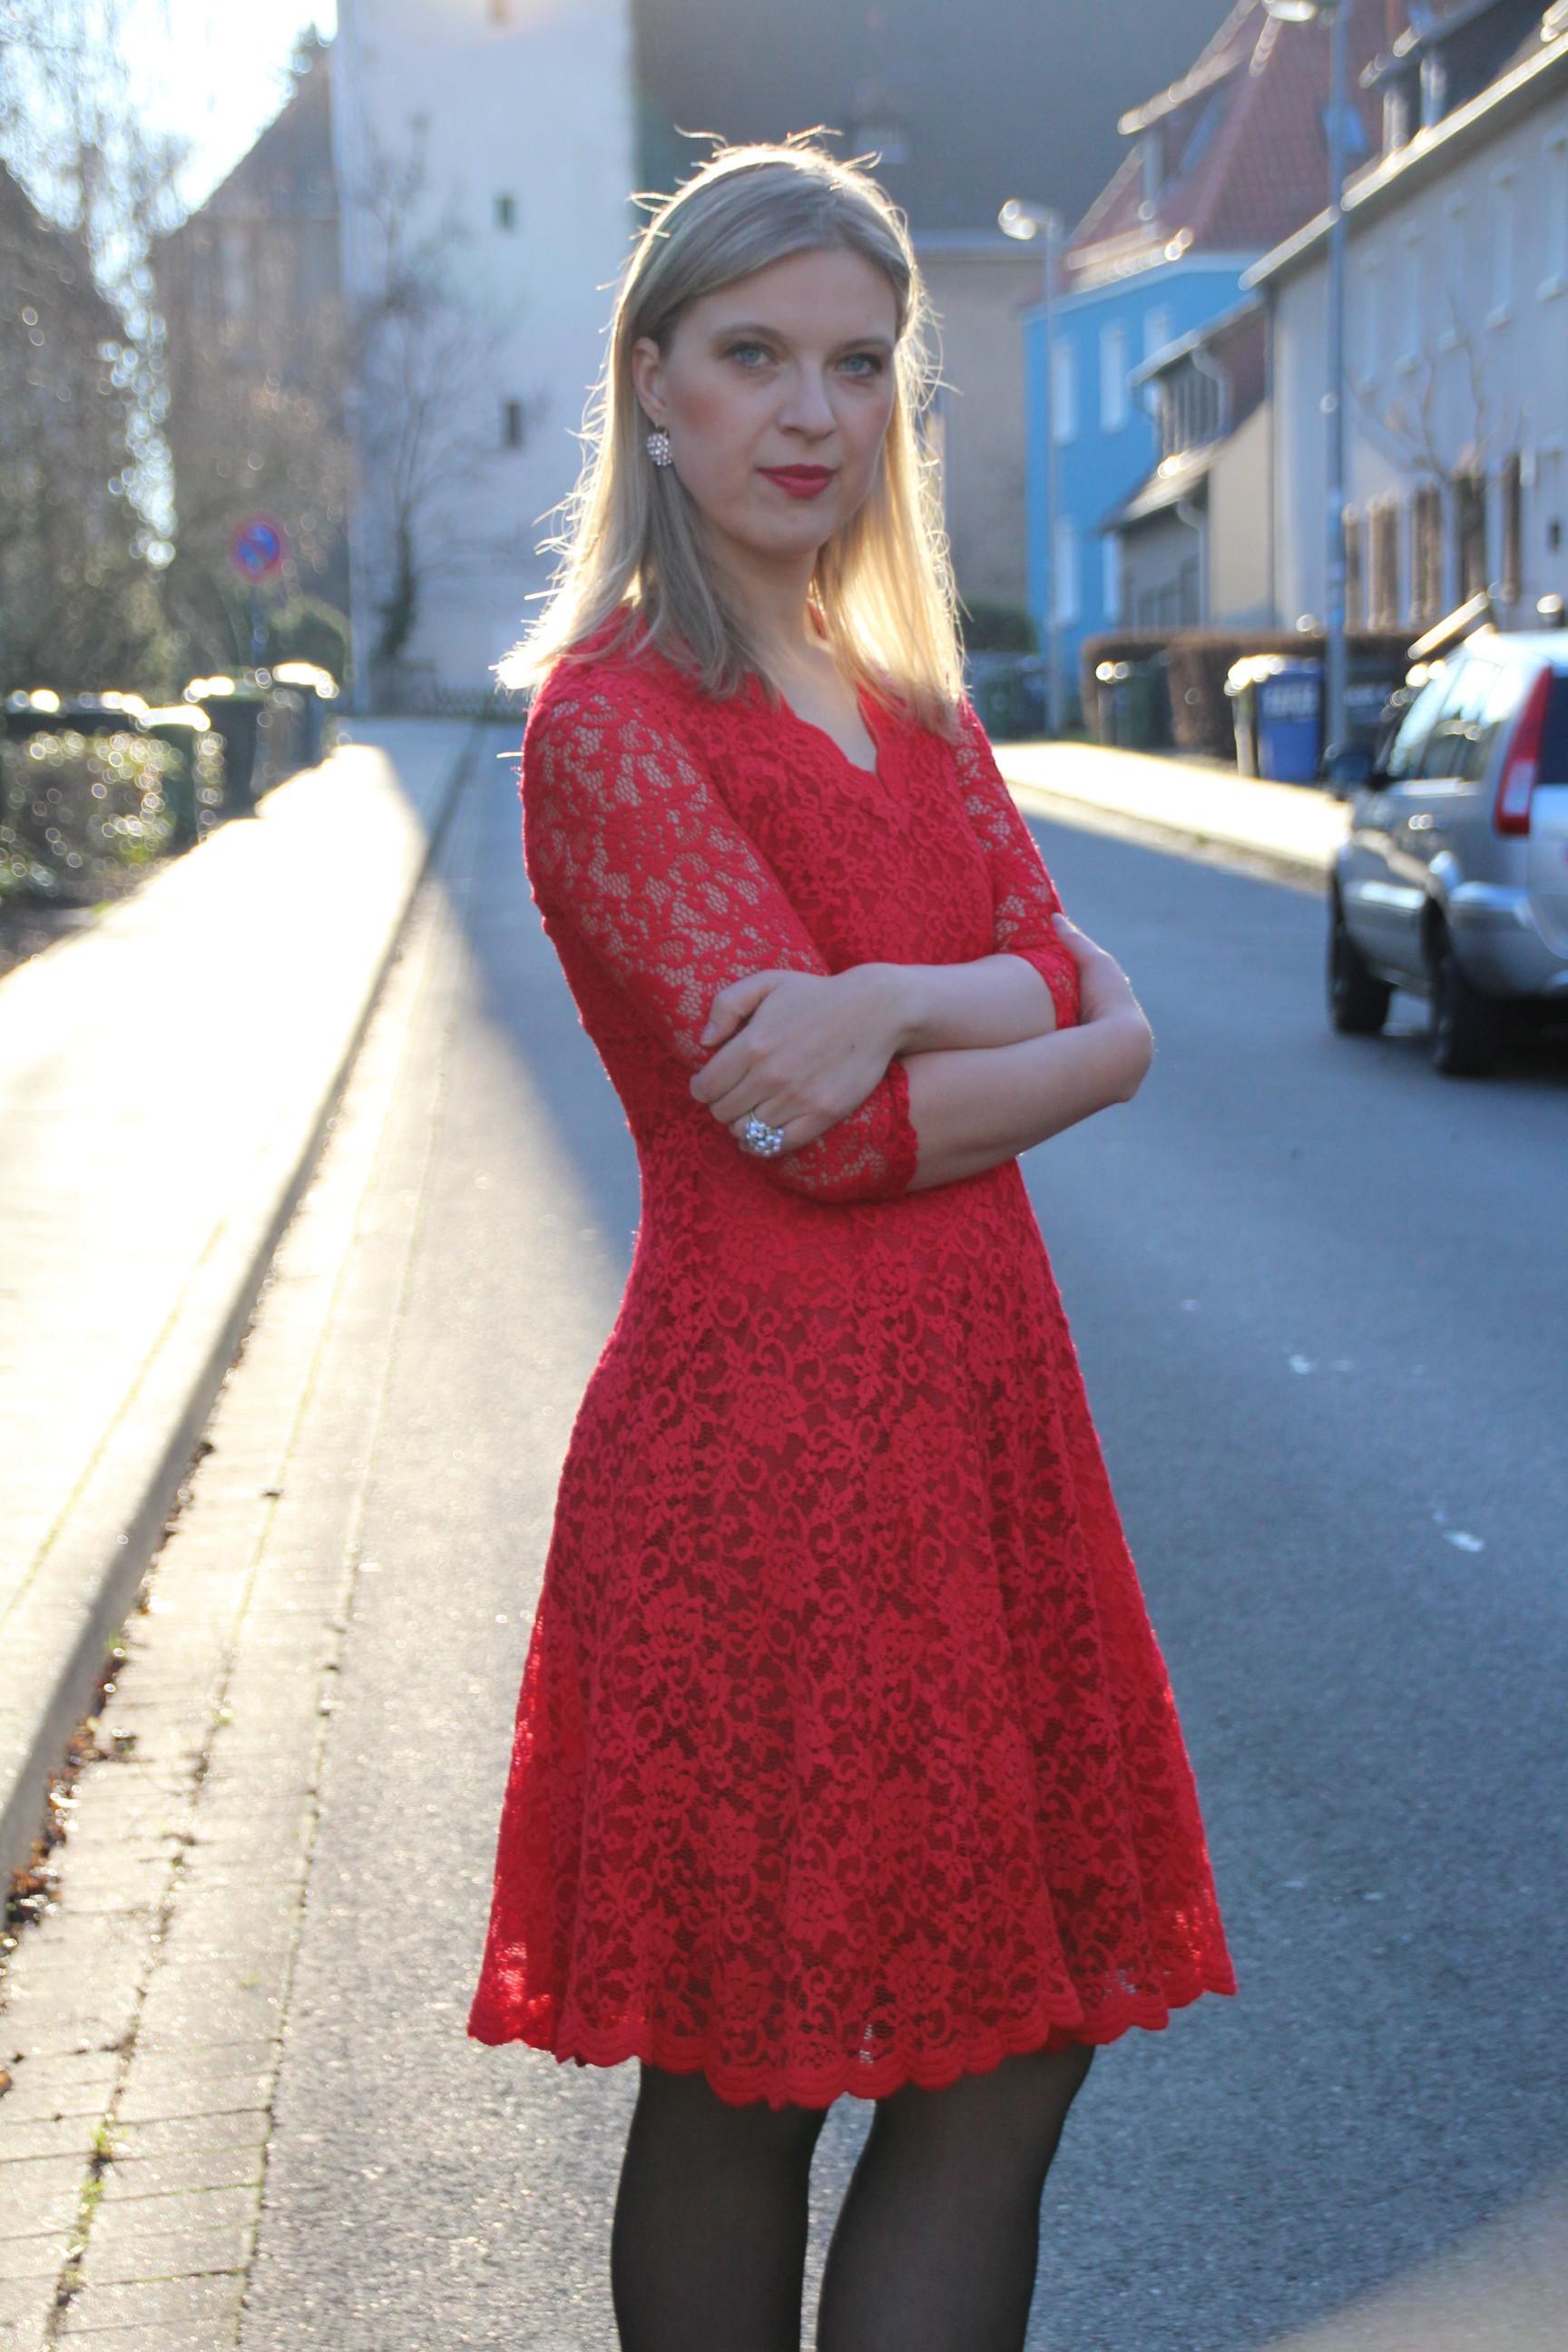 rotes Kleid_Straße